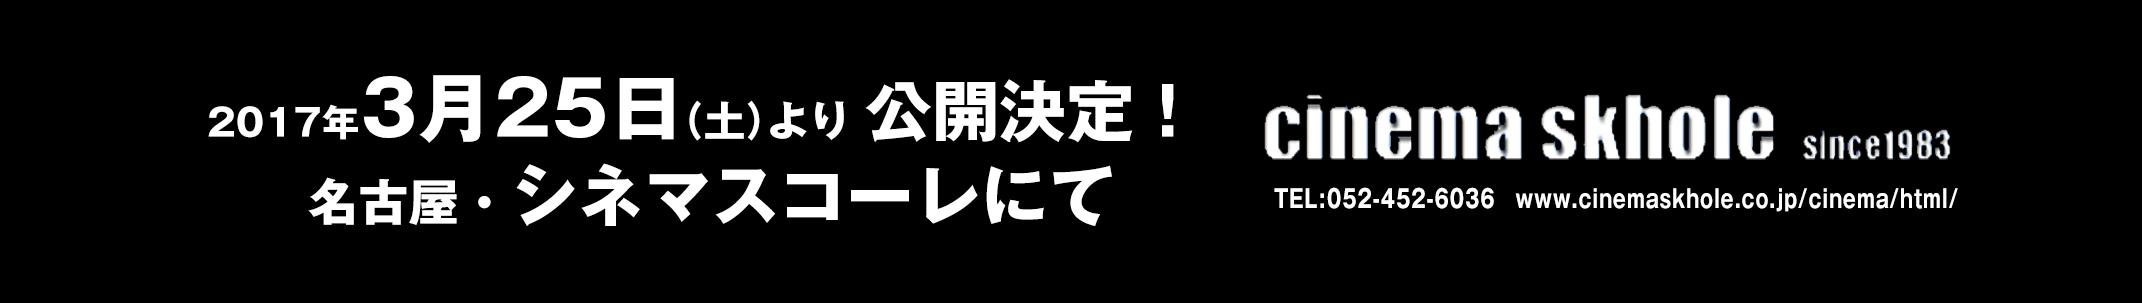 2017年3月25日より 名古屋シネマスコーレにて